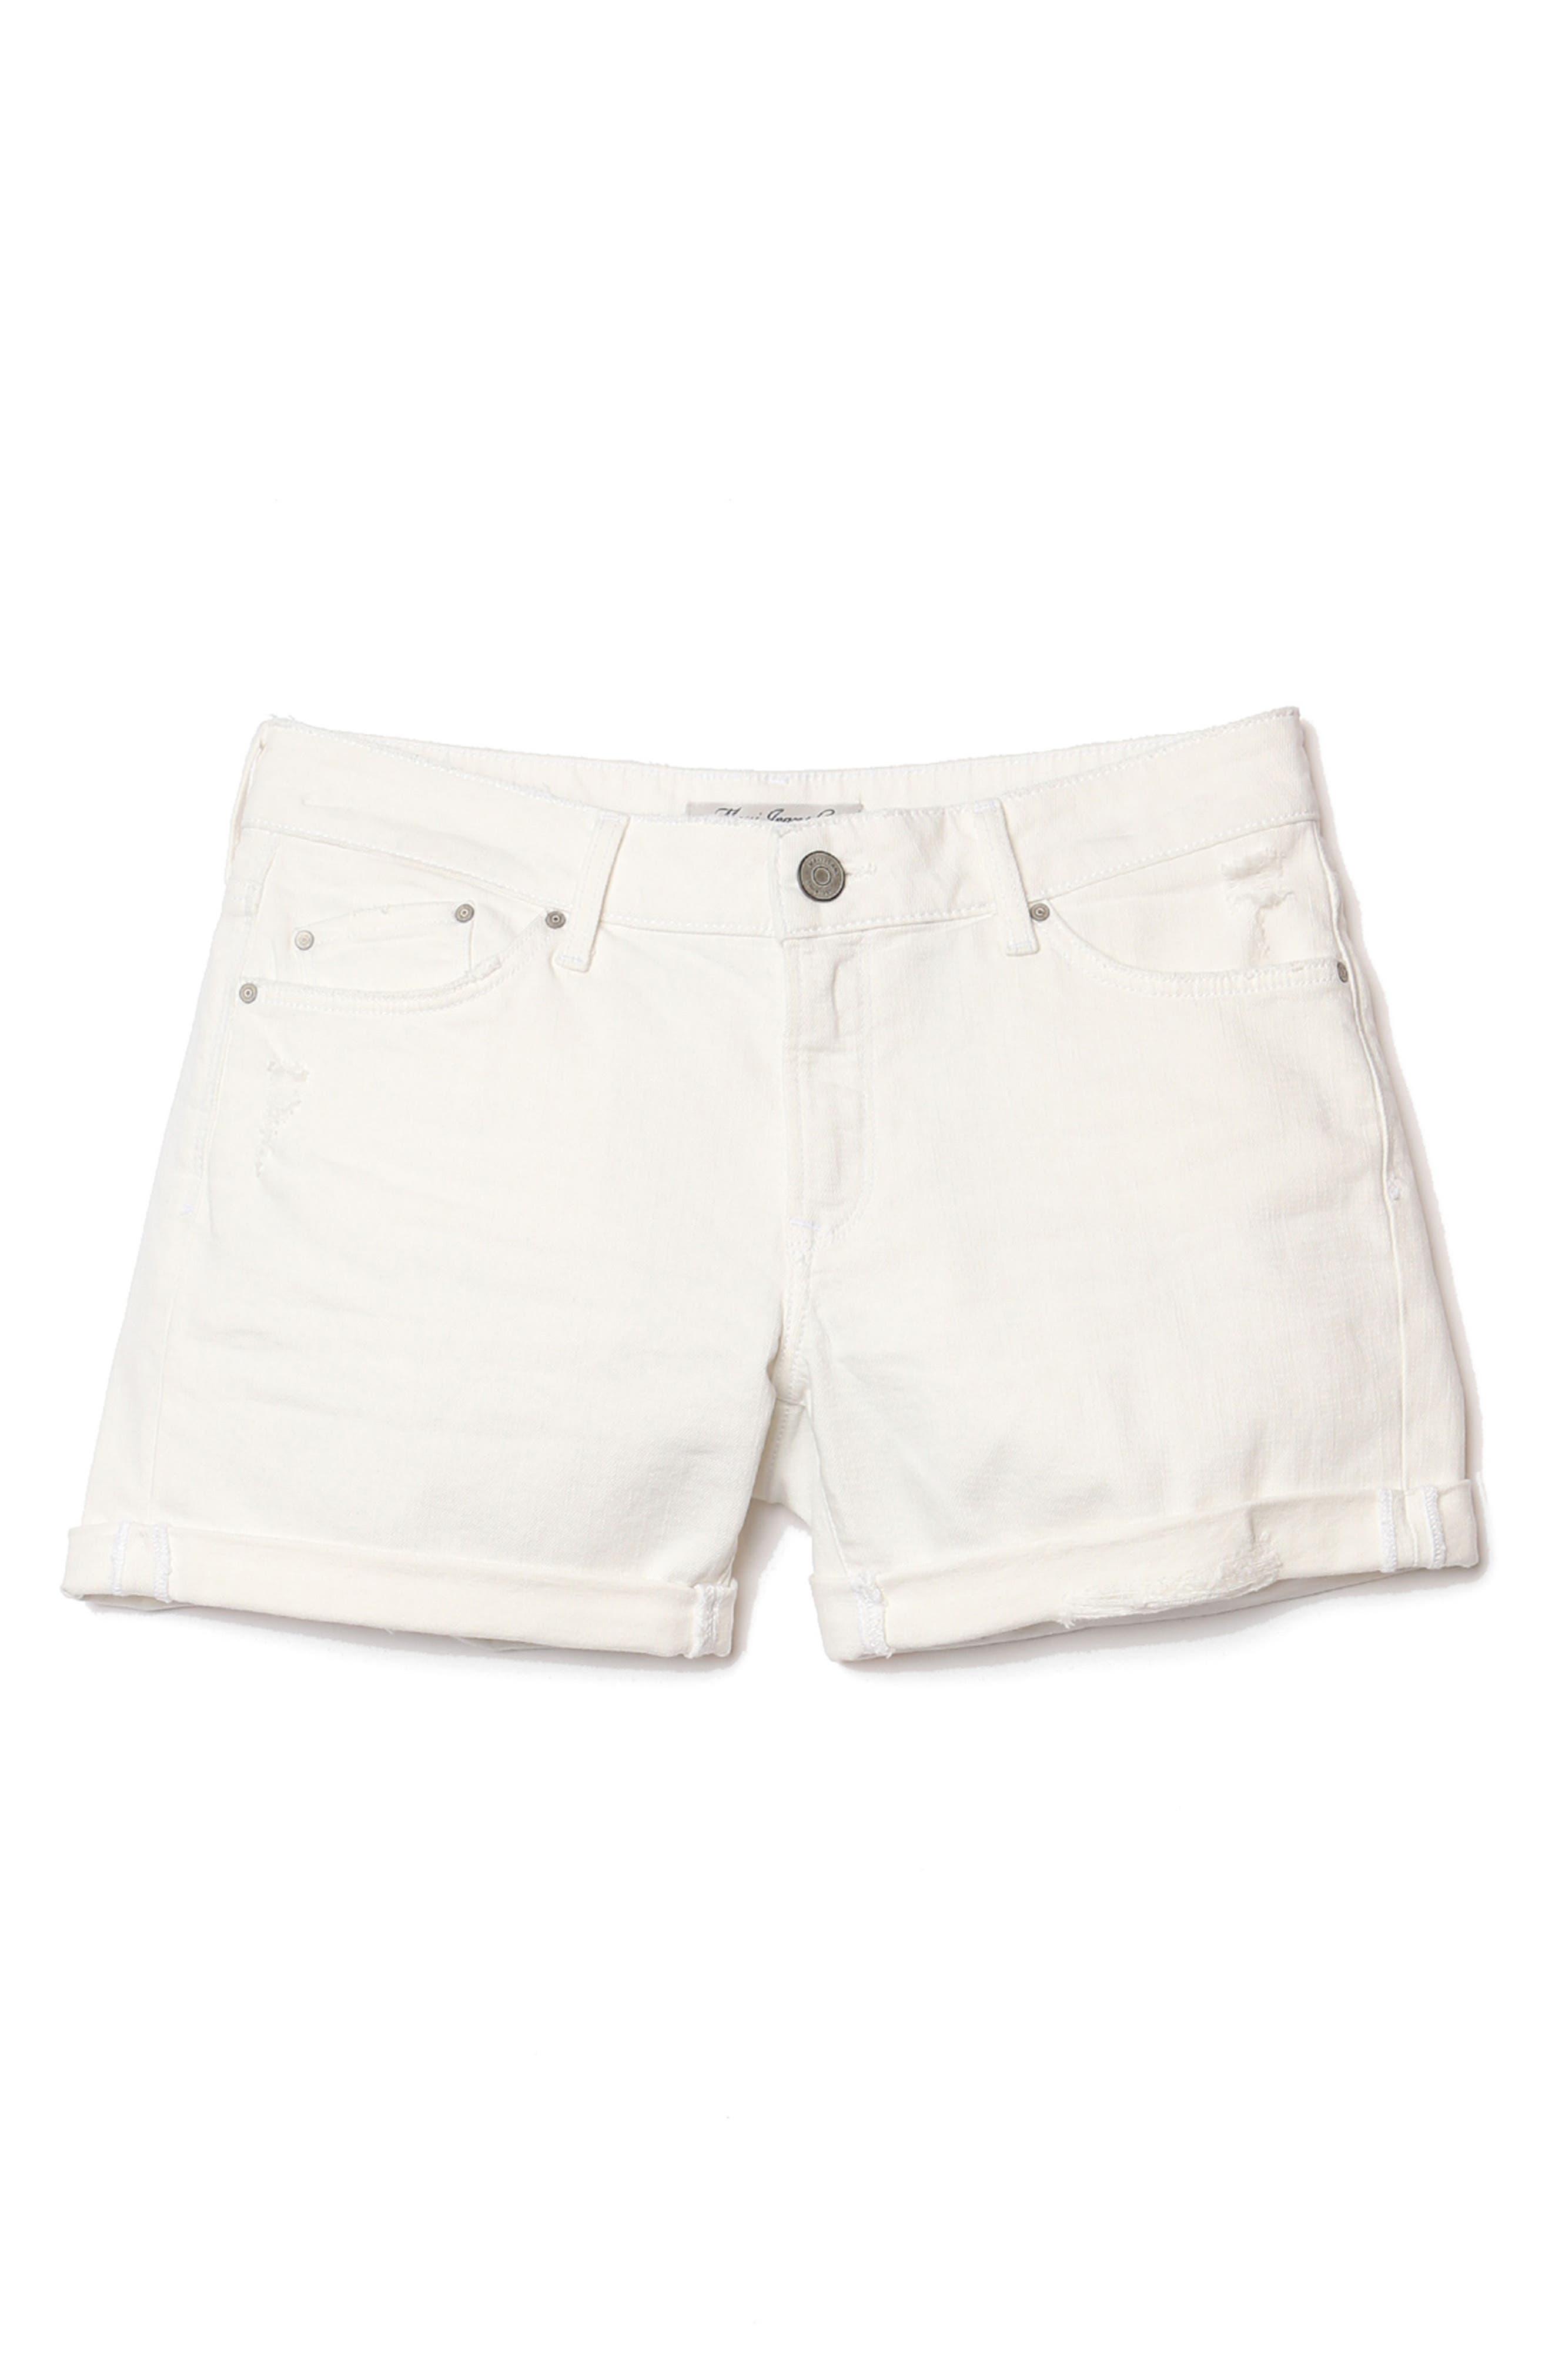 MAVI JEANS, Pixie Ripped Denim Shorts, Alternate thumbnail 4, color, WHITE RIPPED NOLITA